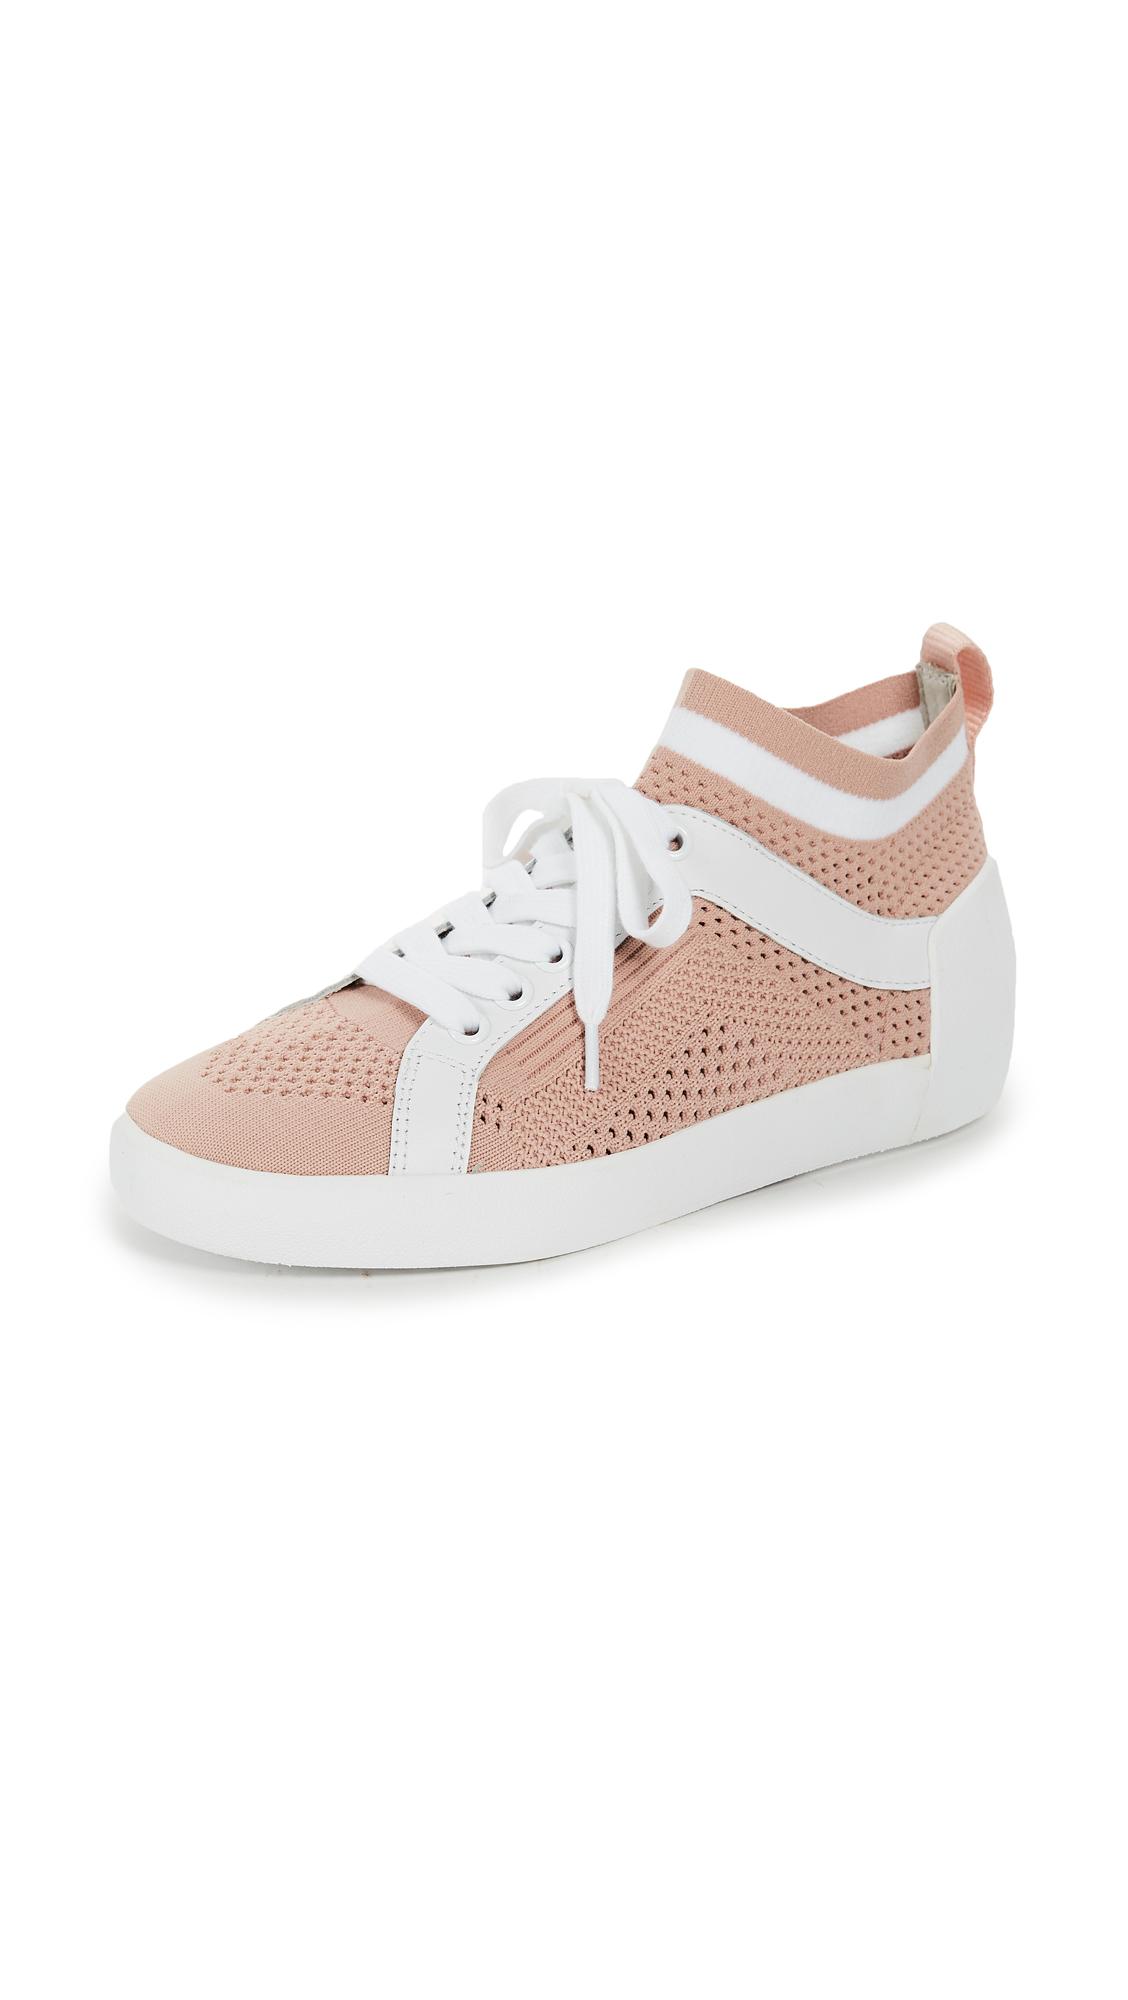 Ash Nolita Sneakers - Powder/White